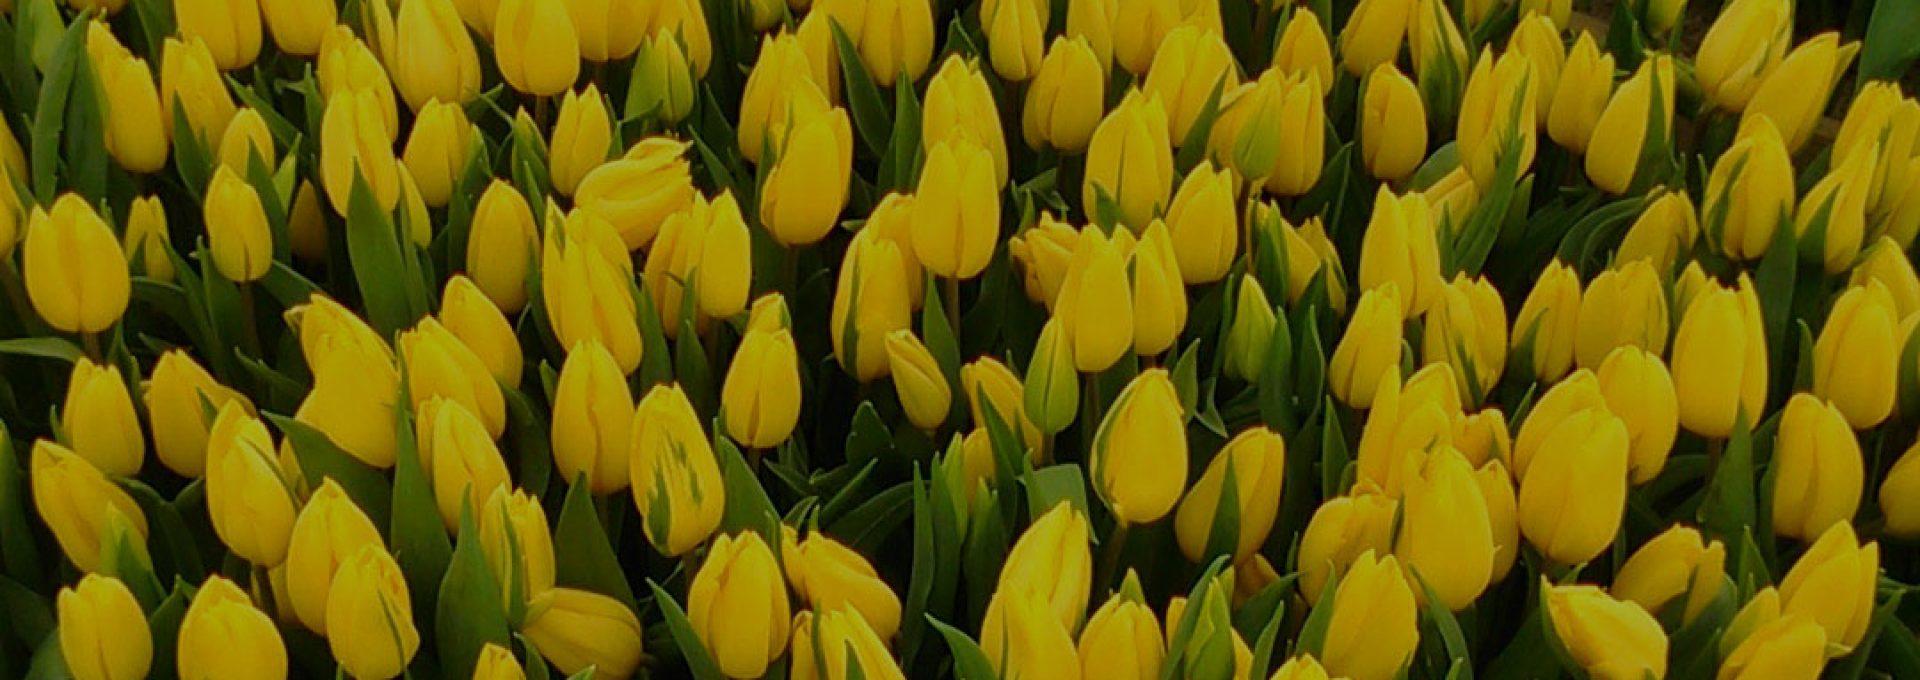 Тюльпаны оптом по лучшей цене